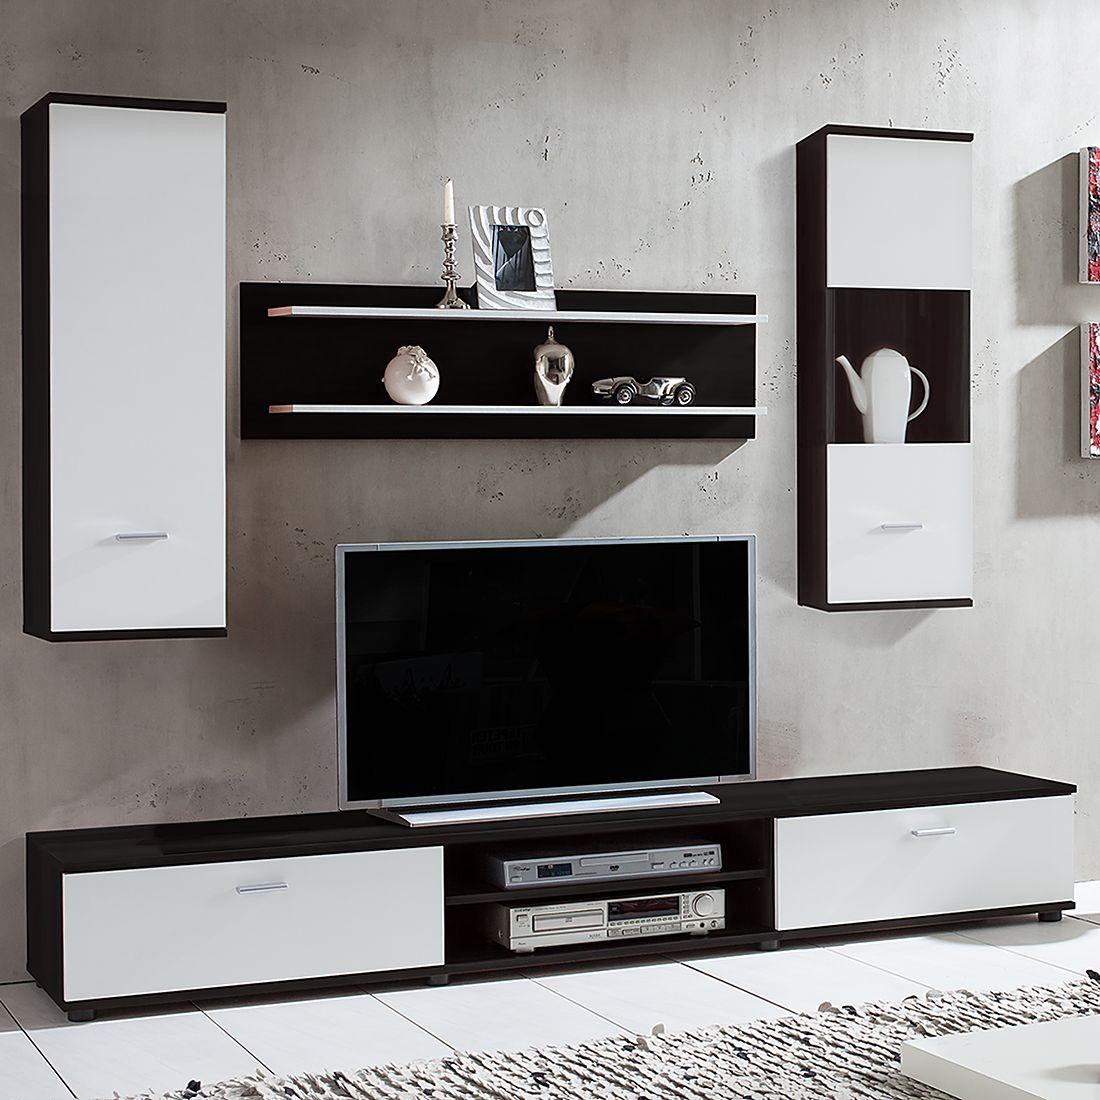 wohnwand dunkelbraun simple wohnzimmer braun wohnzimmer der braunen with wohnwand dunkelbraun. Black Bedroom Furniture Sets. Home Design Ideas